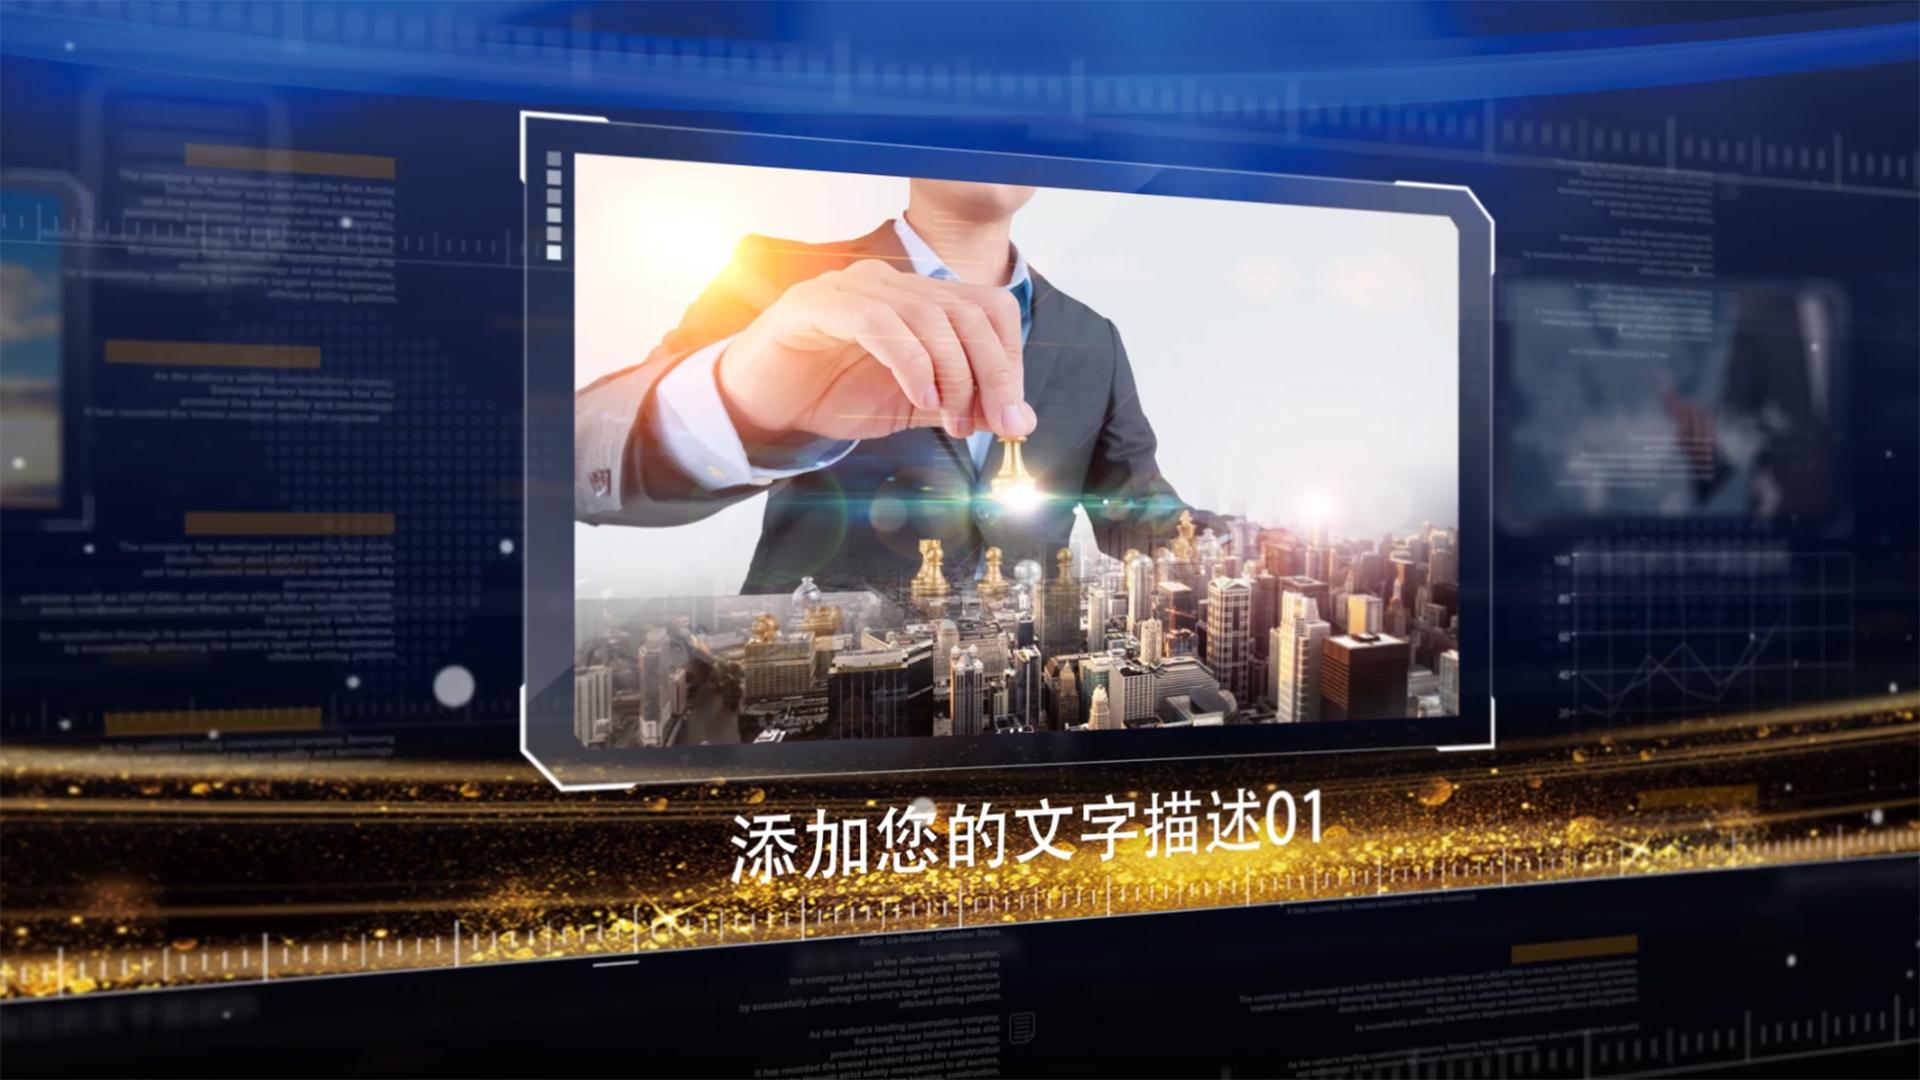 企业公司发展历史回顾宣传片AE模板